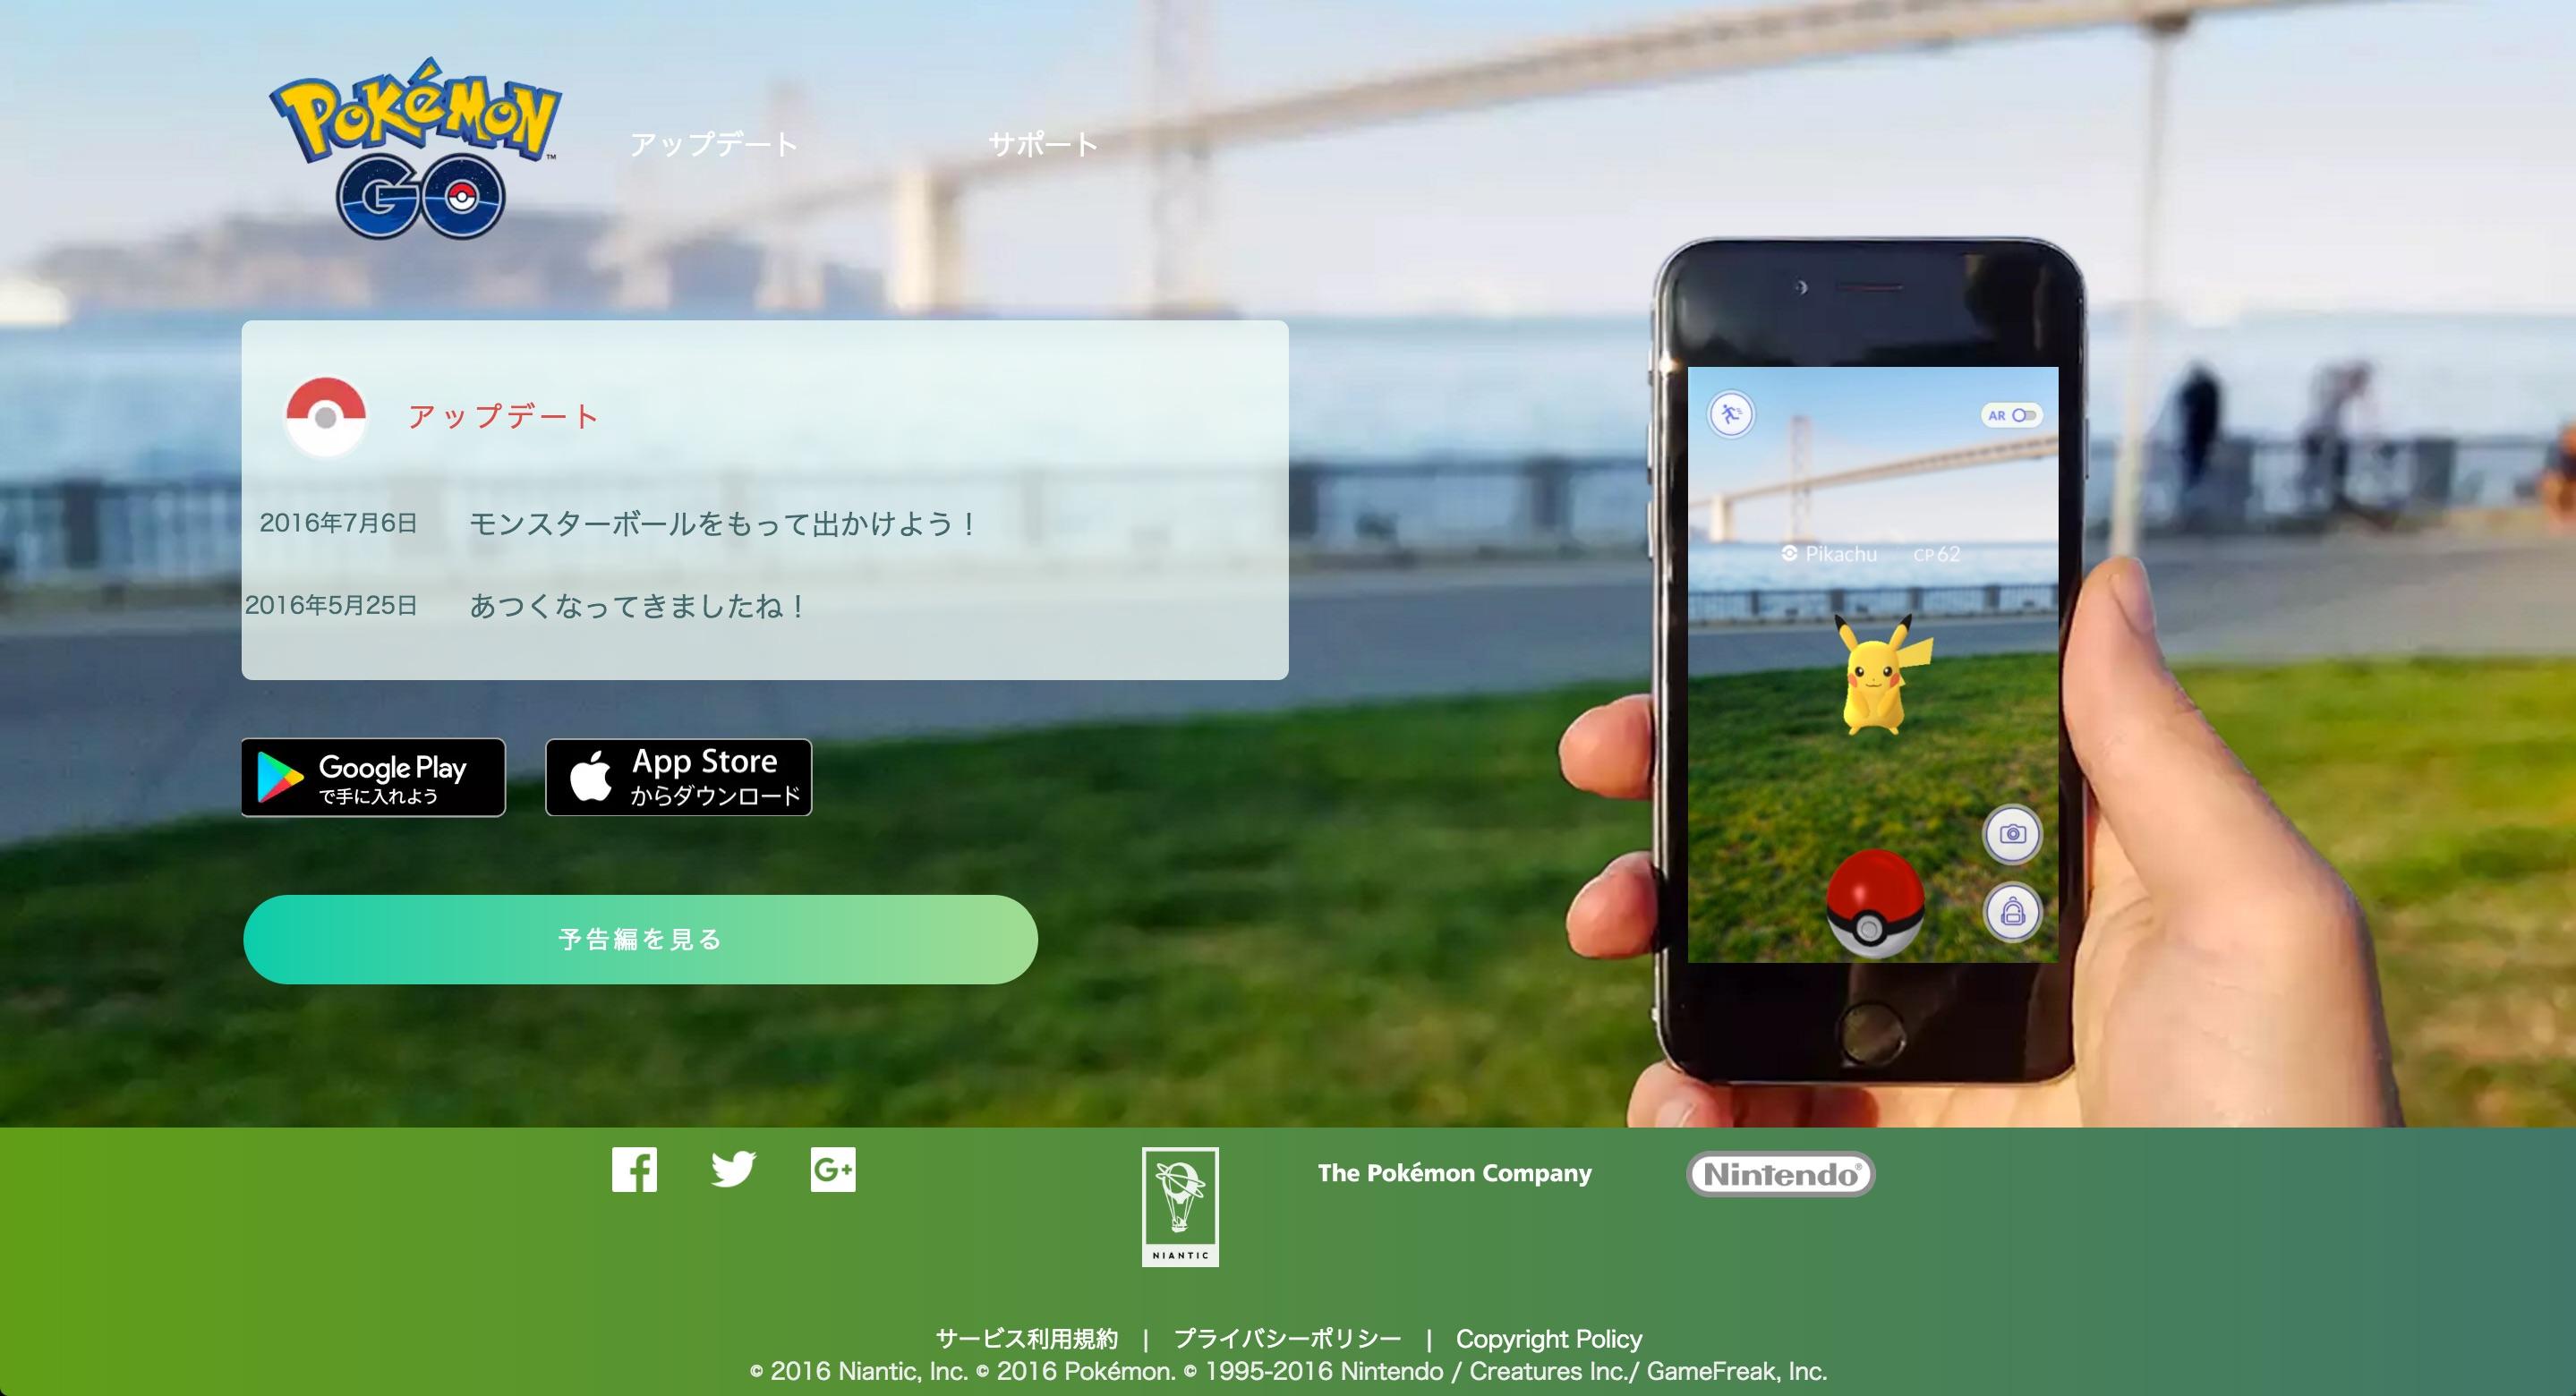 ポケモンGOはいつから!?リリースされたら通知がくる「Is Pokemon Go Available Yet? 」